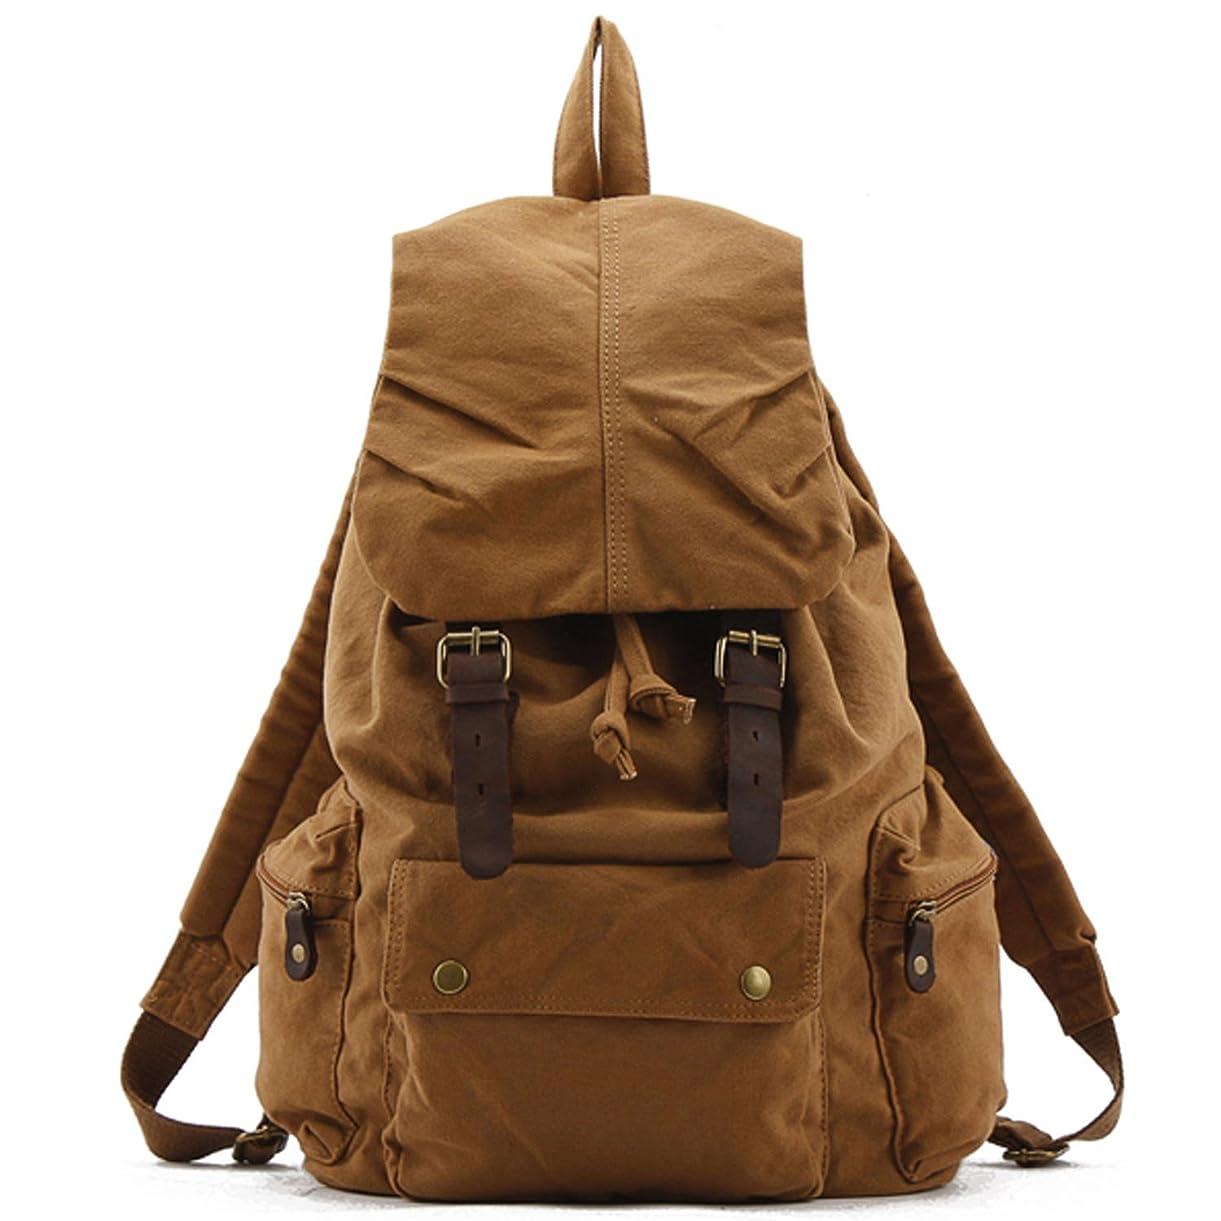 薬理学レンダー聞きますリュック バックパック 帆布製リュック キャンバスバッグ アウトドア カジュアル 旅行  男女兼用 巾着リュックサック [並行輸入品]